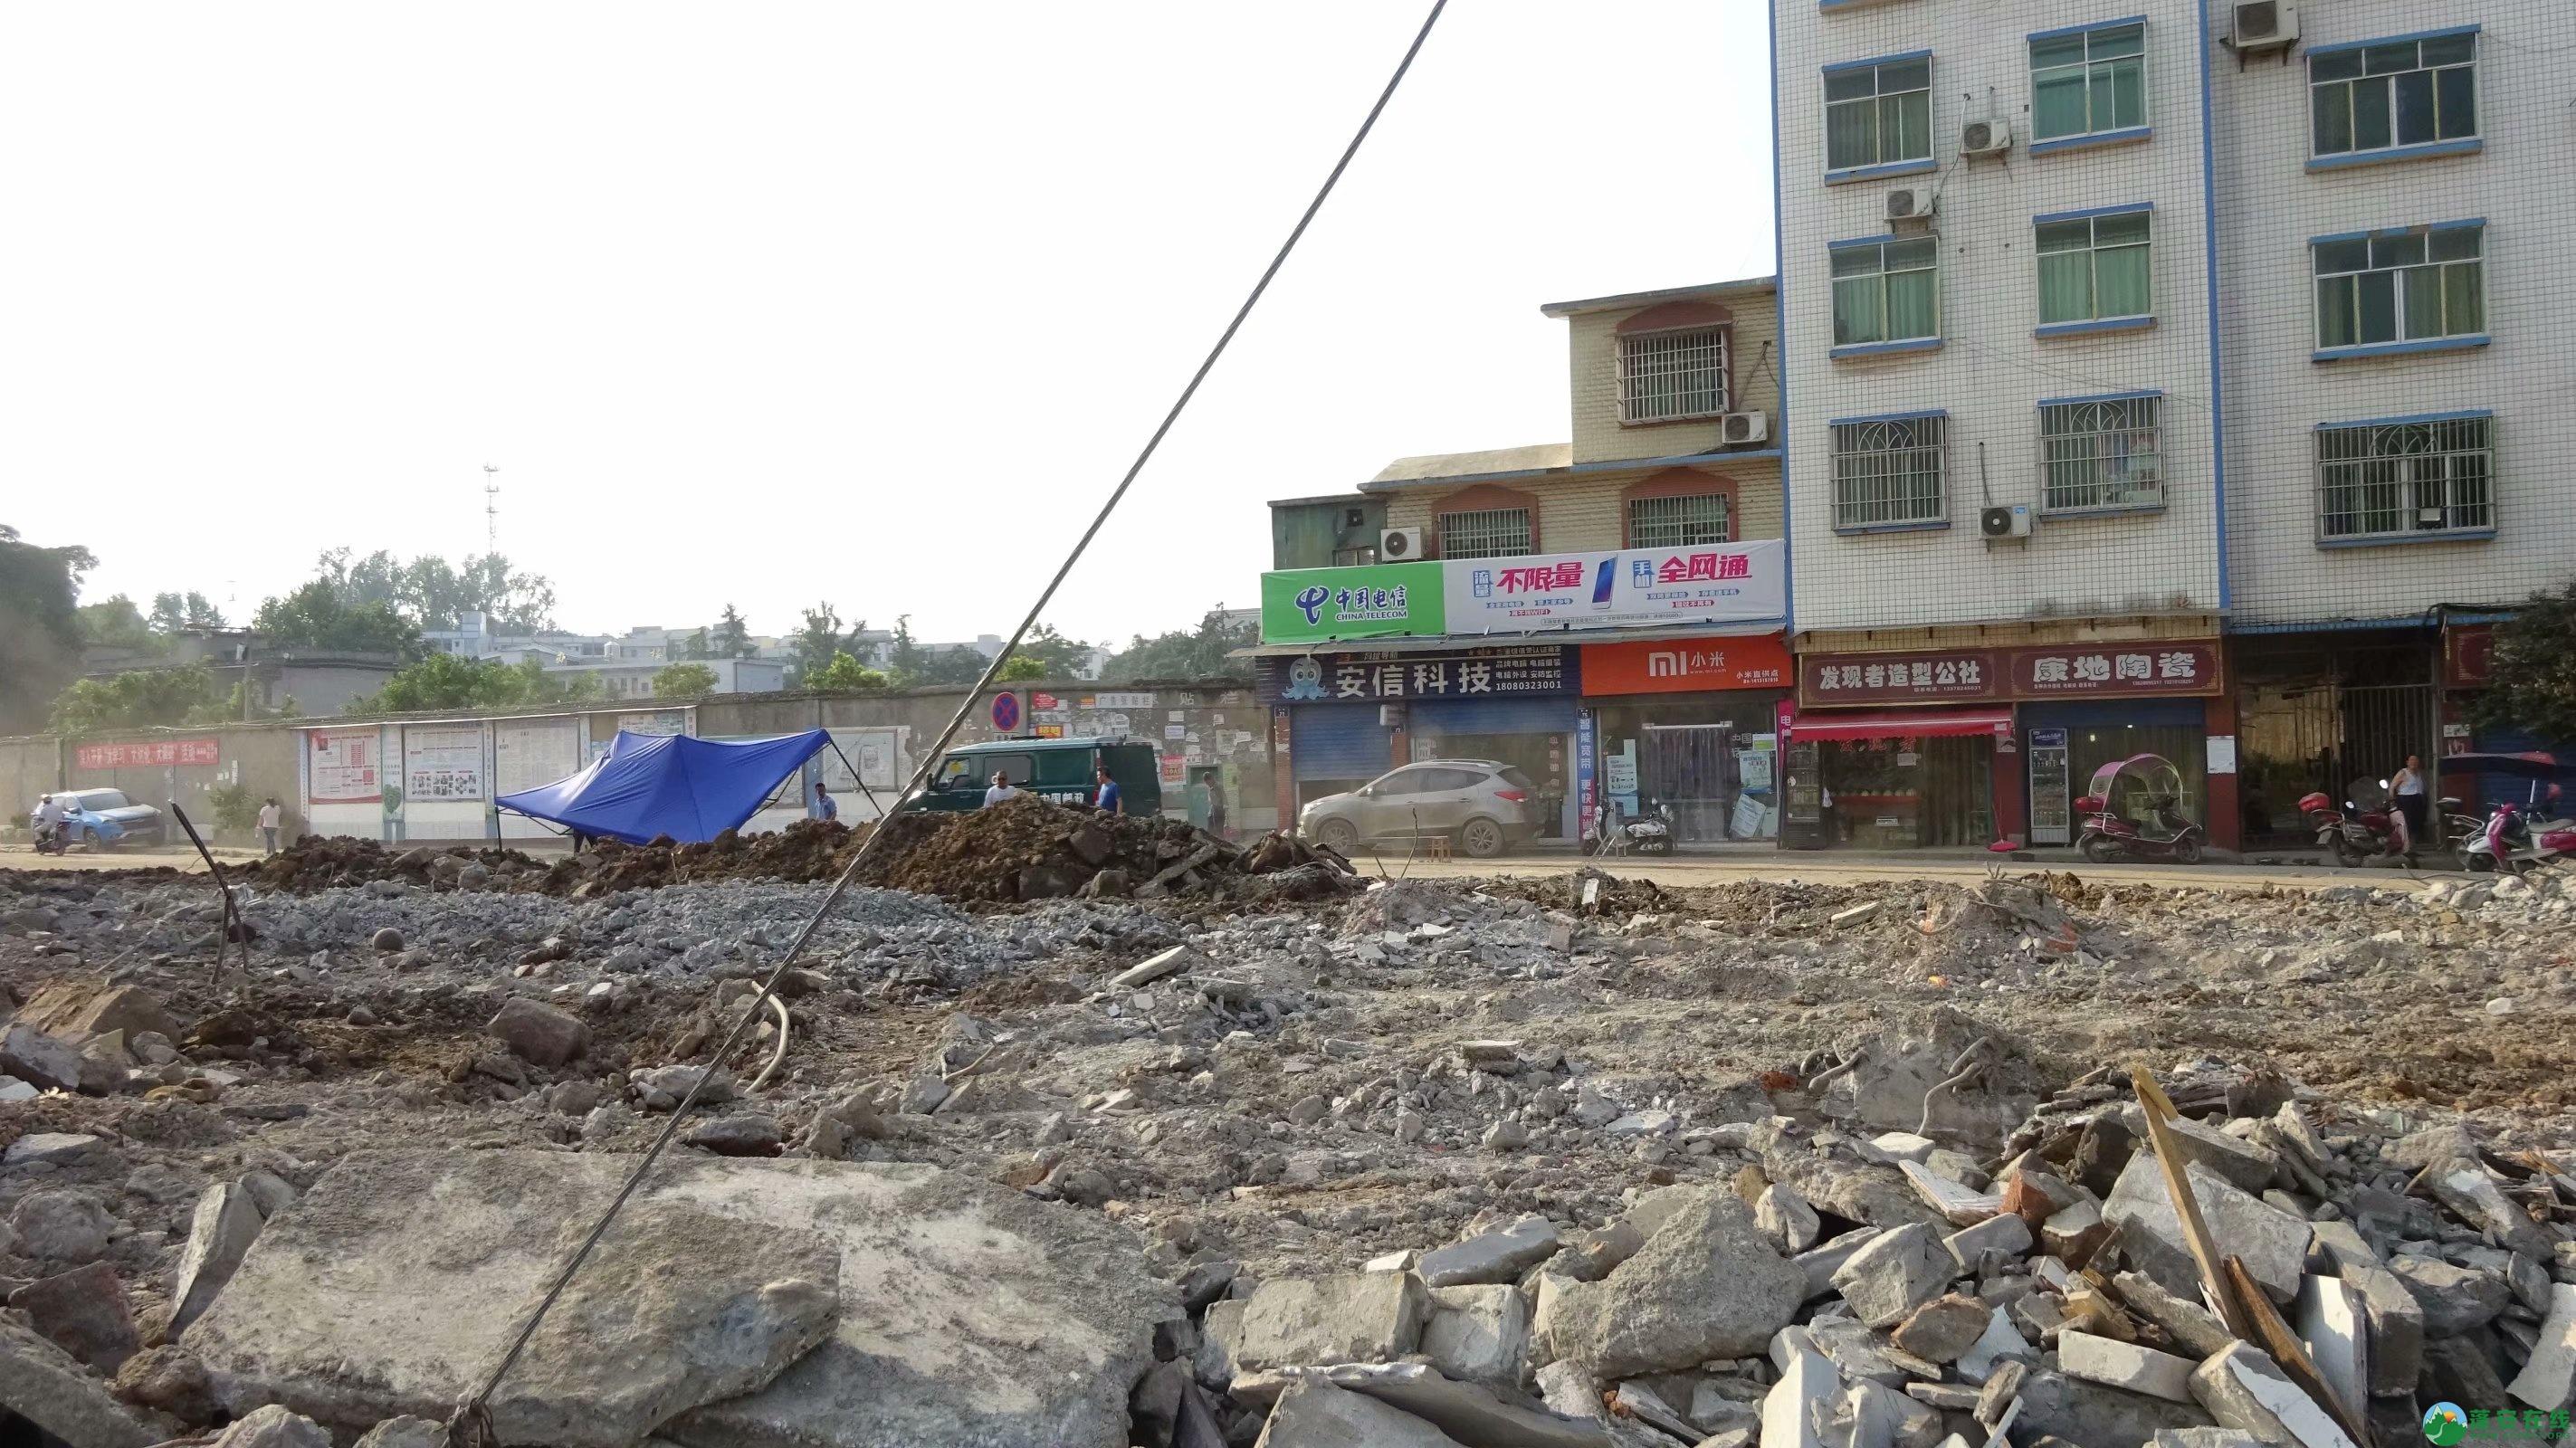 蓬安锦屏相如故城建设迅猛 - 第8张  | 蓬安在线